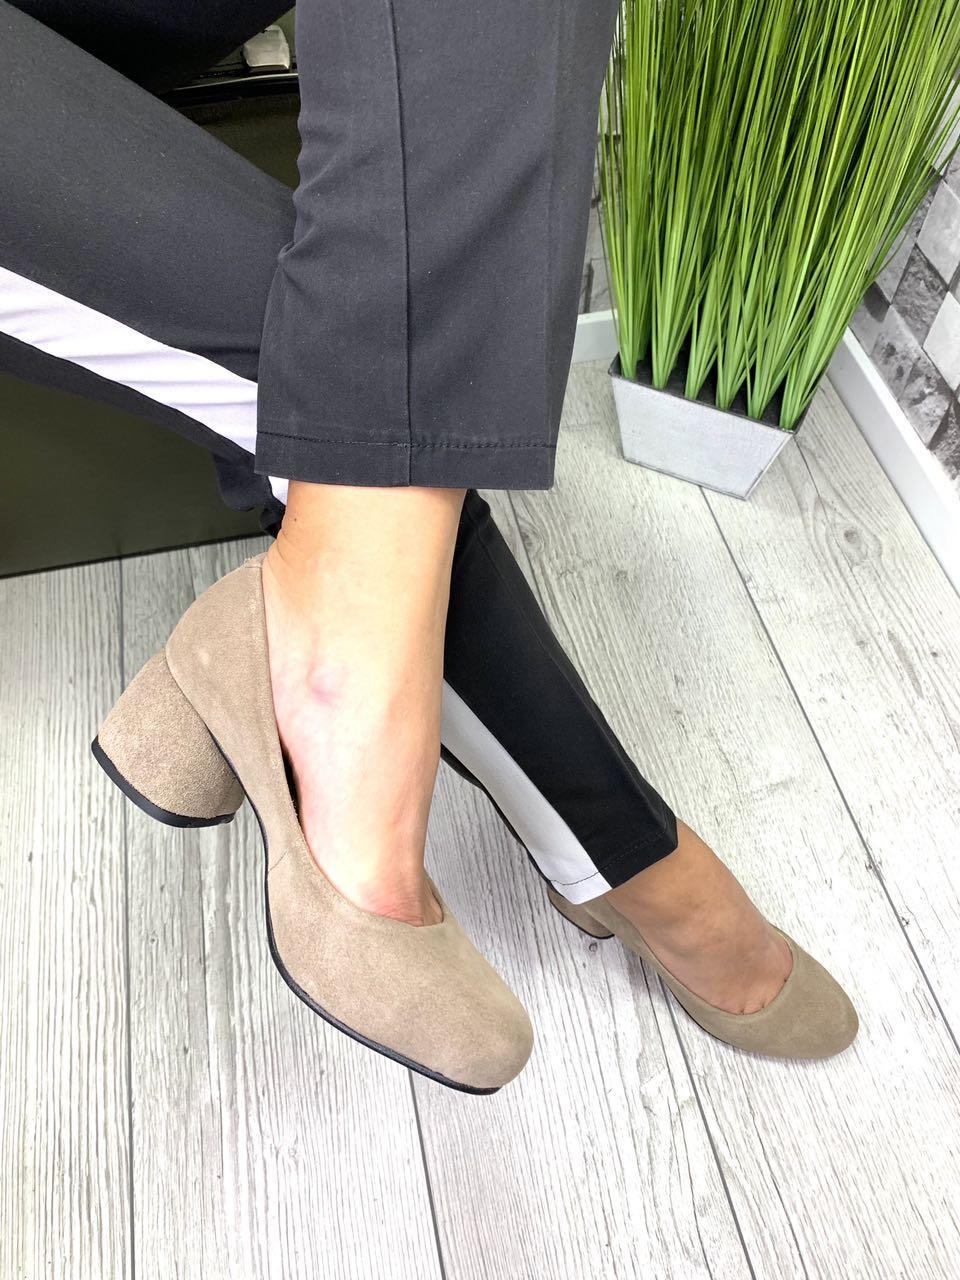 Женские закрытые туфли из натуральной замши на каблуке беж